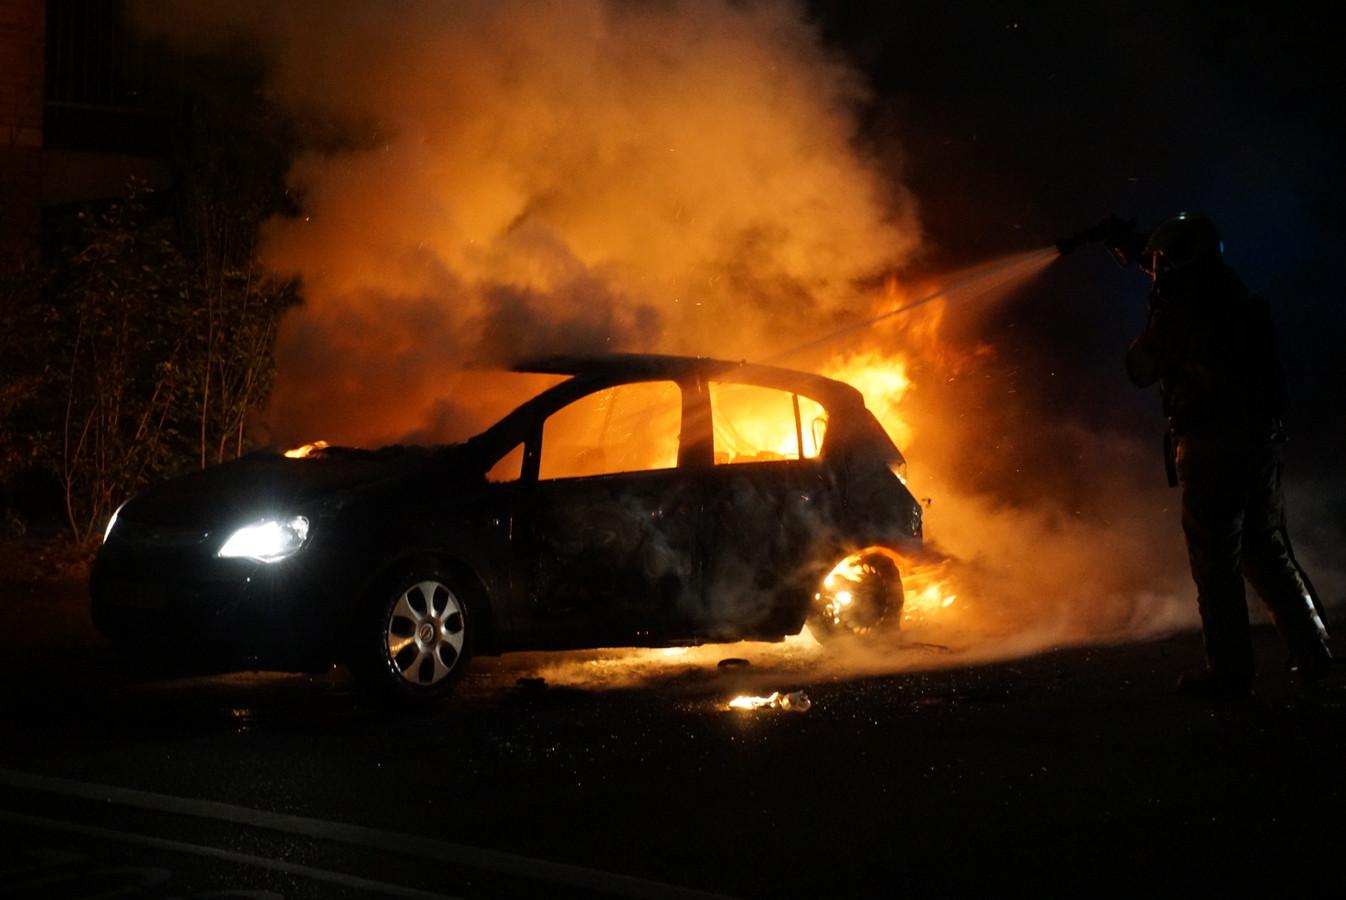 De auto is volledig in vlammen opgegaan.